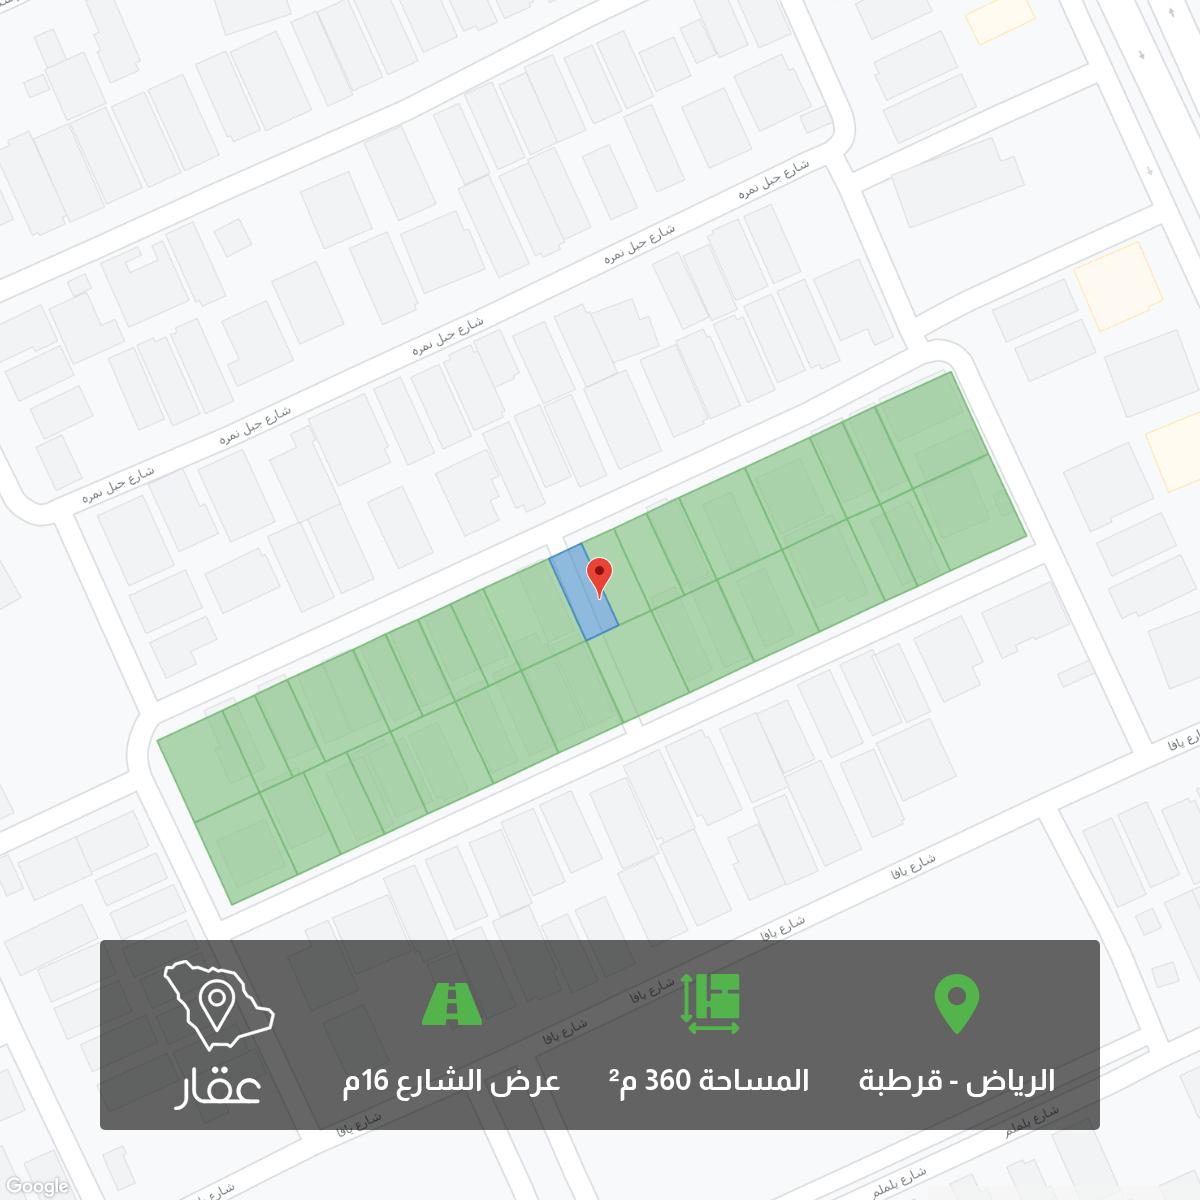 أرض للبيع في محطة كهرباء حي قرطبة ، شارع نهر السوباط ، حي قرطبة ، الرياض ، الرياض